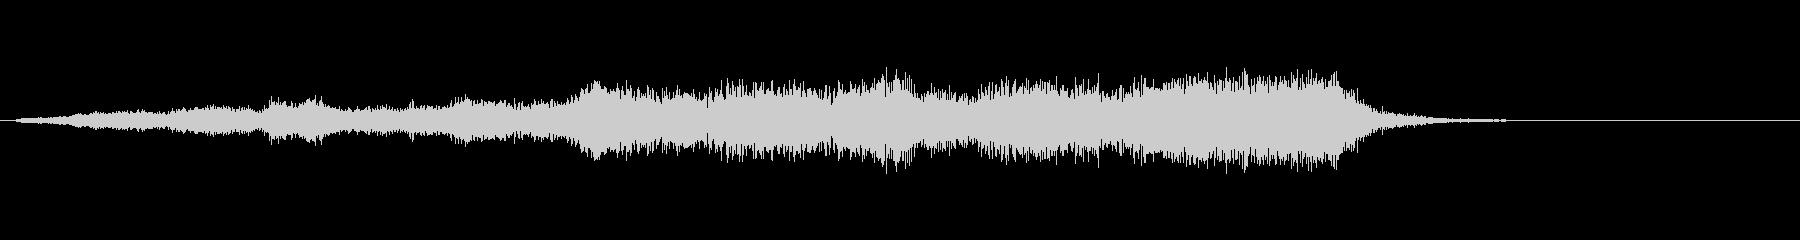 ホラー系効果音09の未再生の波形